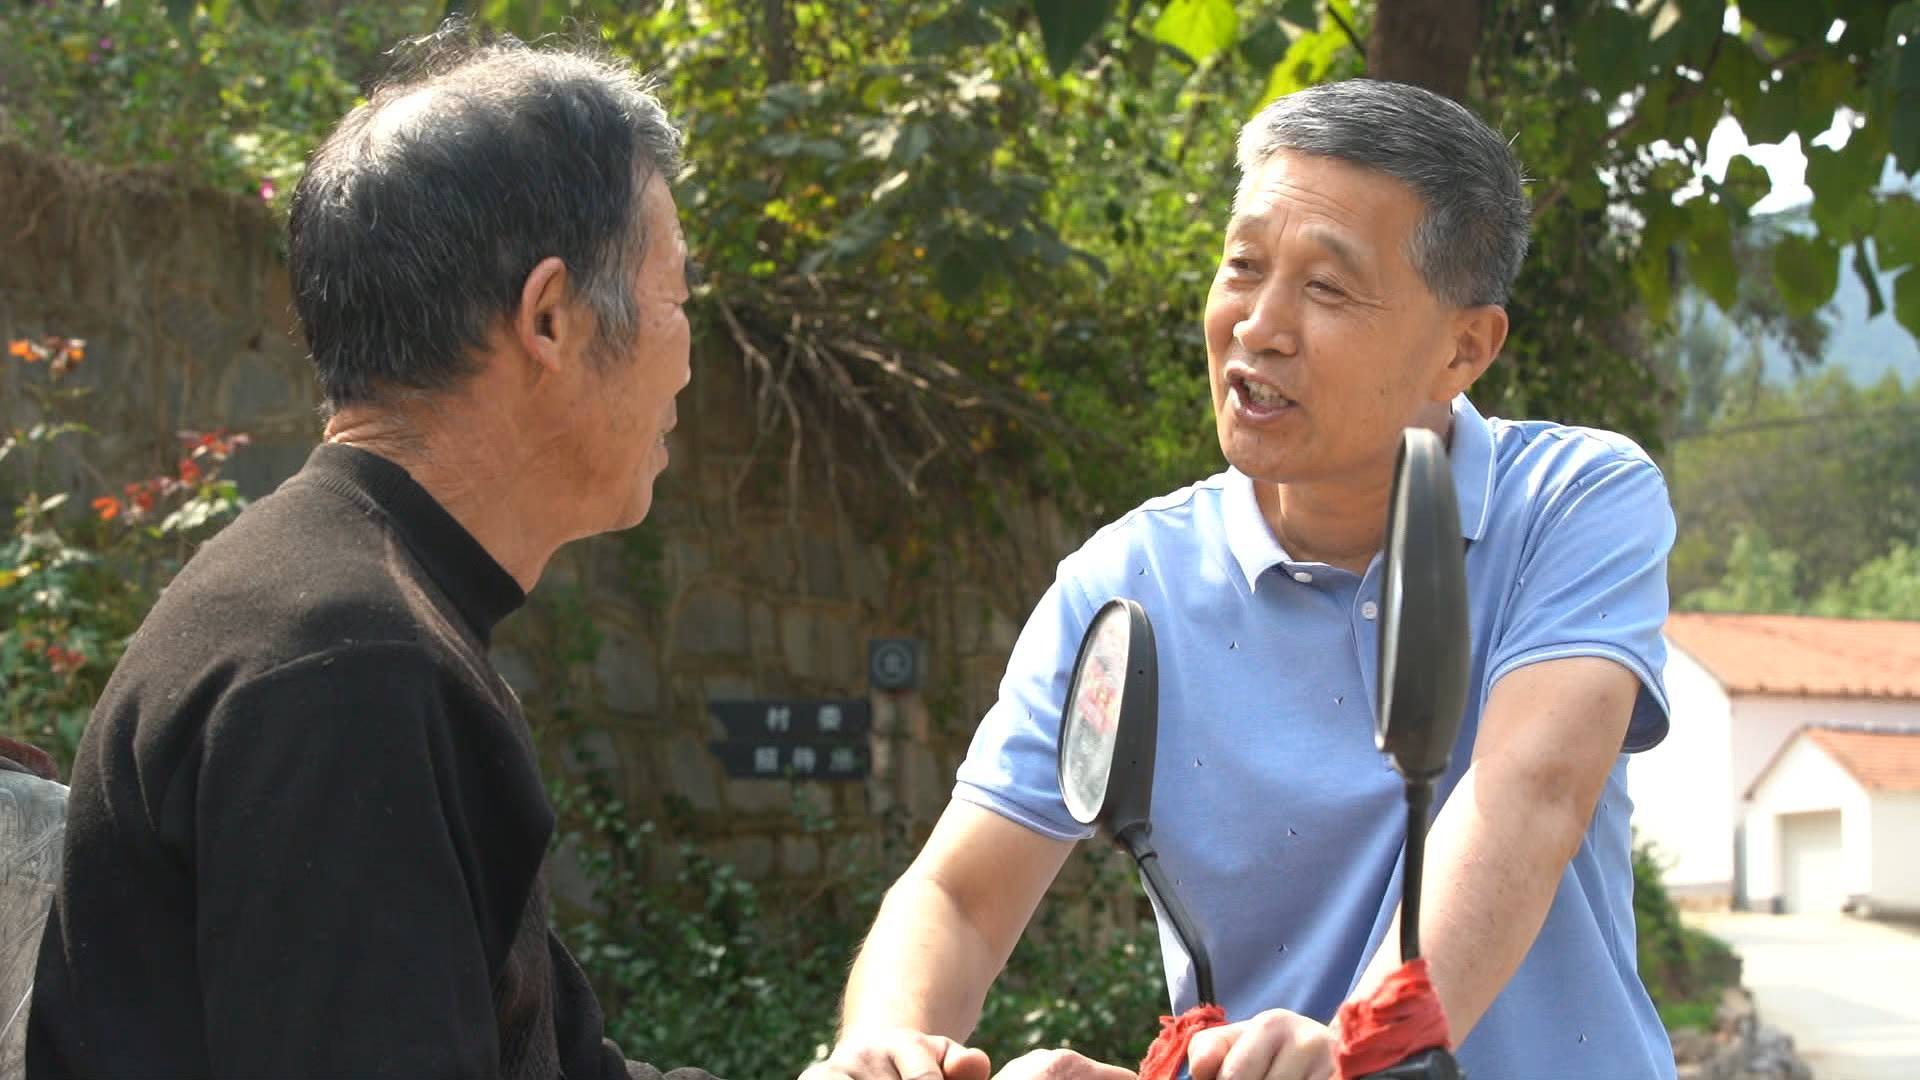 """幸福的起点丨从吃闭门羹到村民超市以他命名 刘昌法怎么成了淄博小峰村的""""蚯蚓书记"""""""